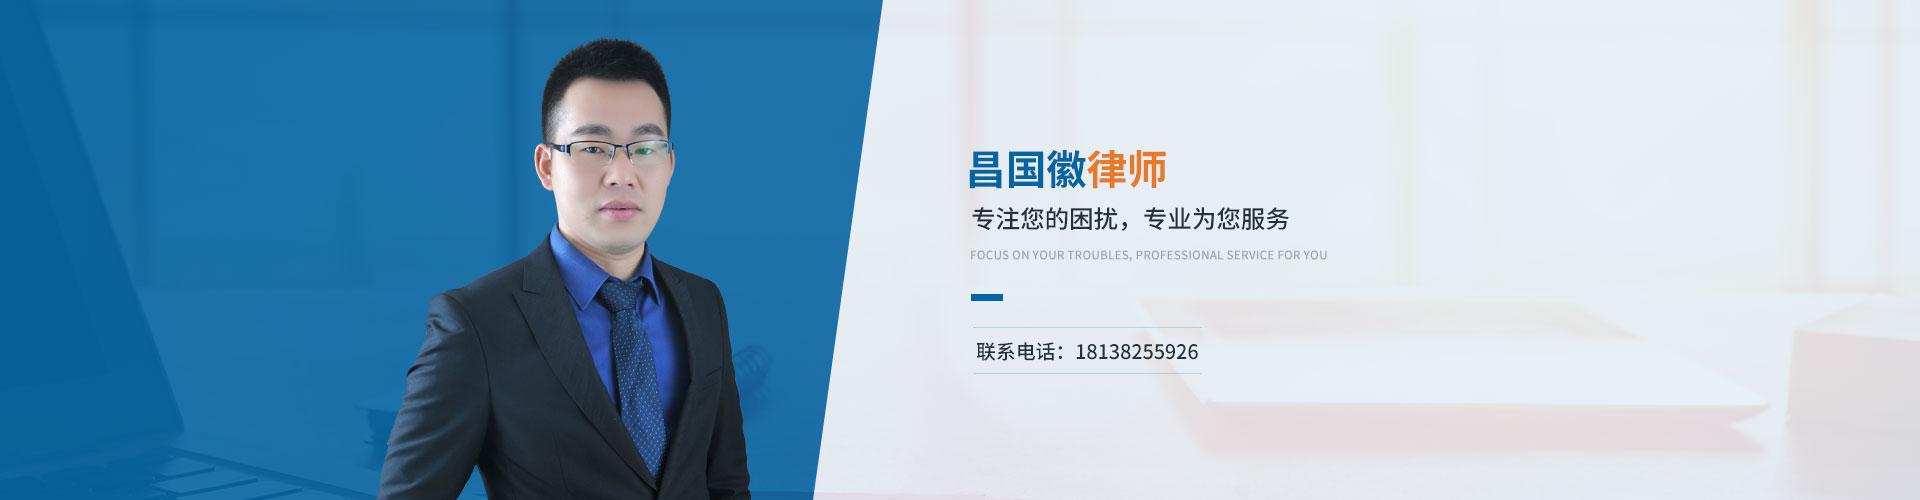 深圳昌国徽律师